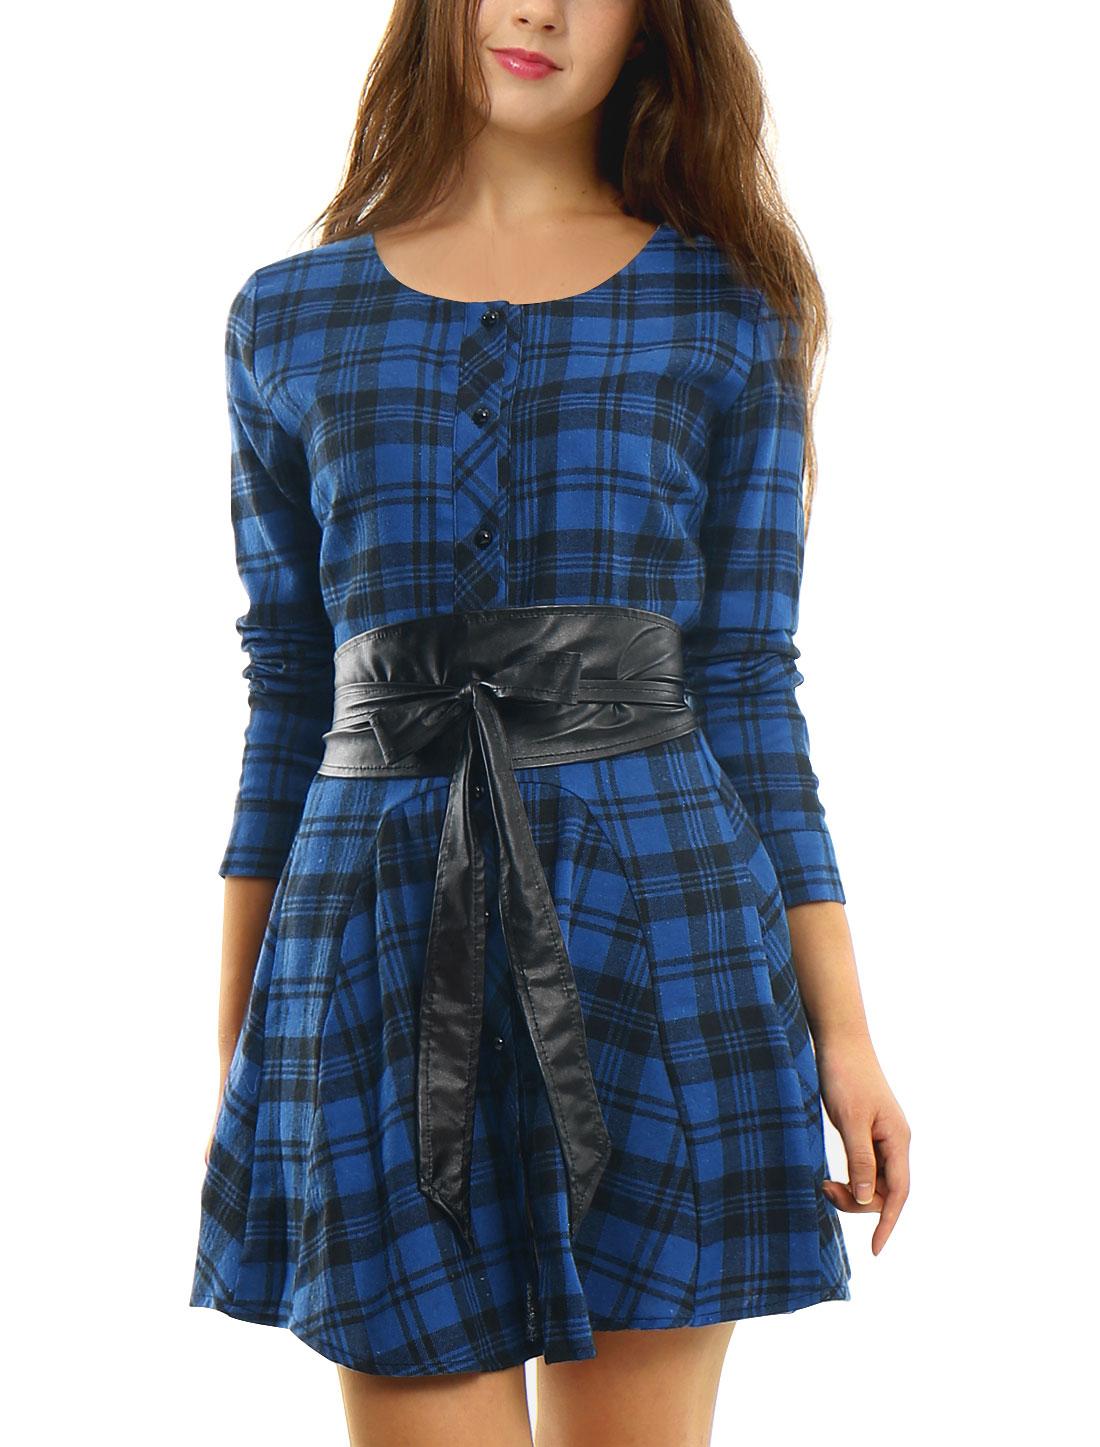 Allegra K Women Plaids Long Sleeves Belted A Line Shirt Dress Dark Blue Black L